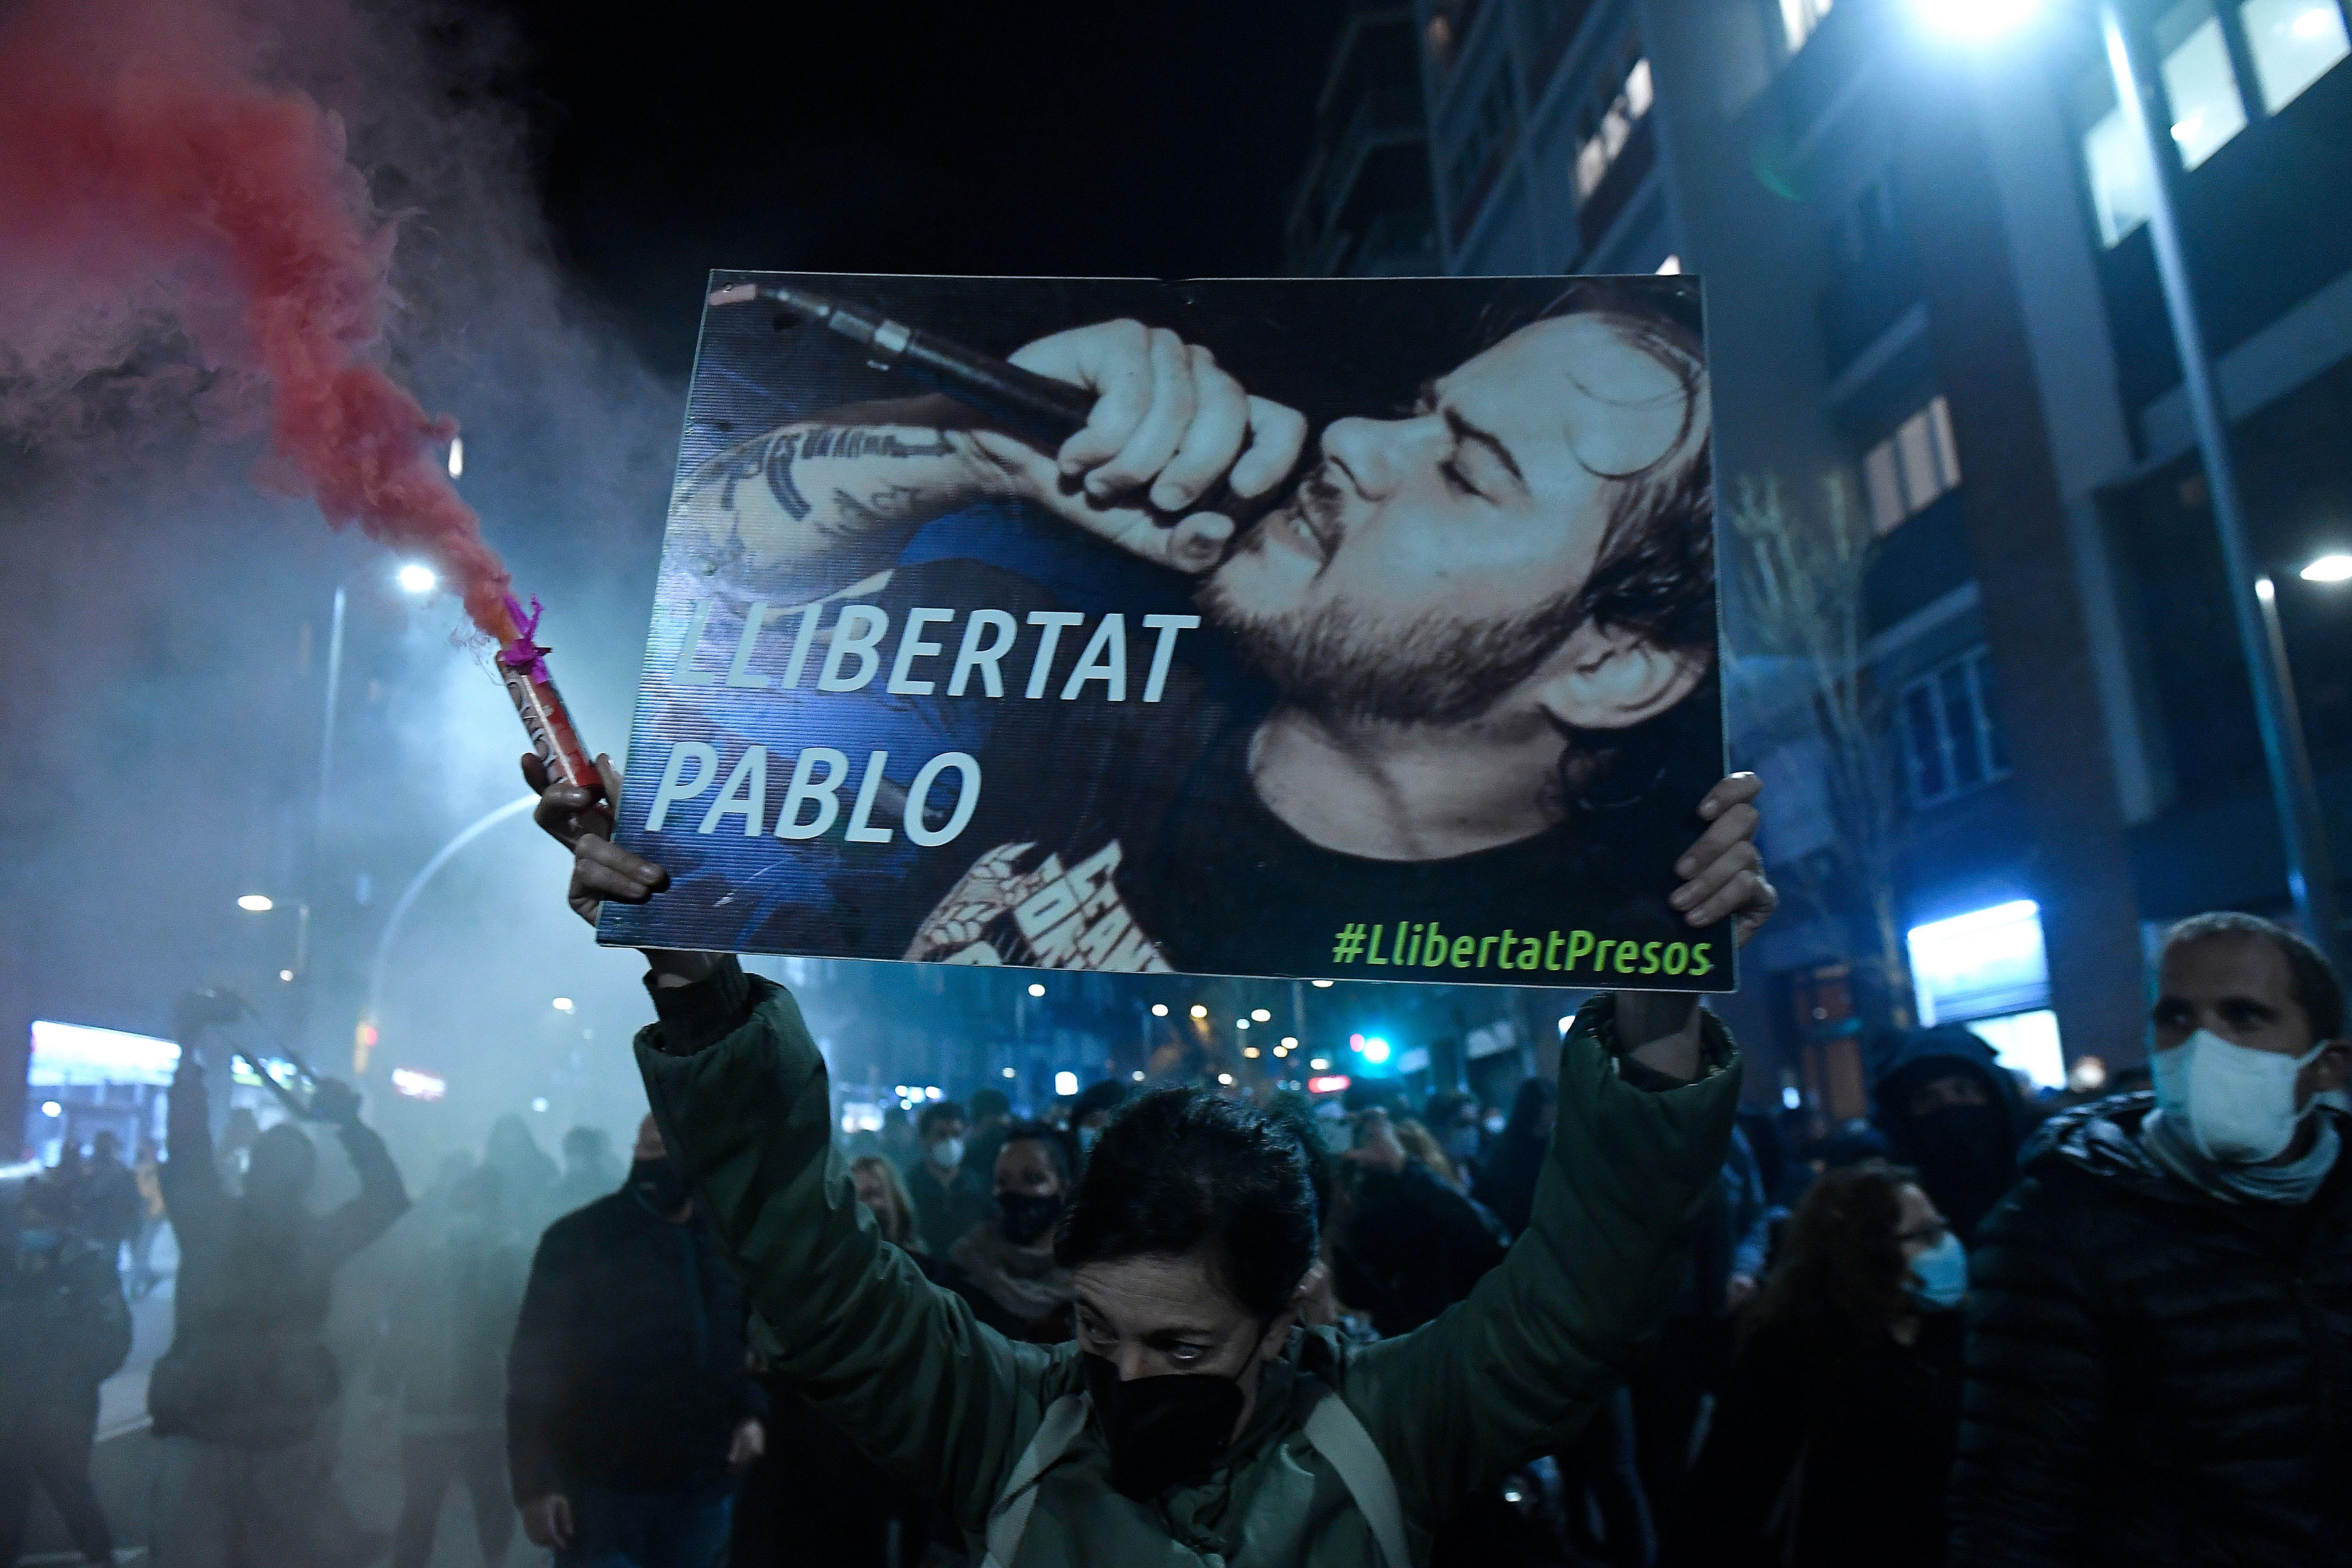 Protestas en España por la detención de Pablo Hasél